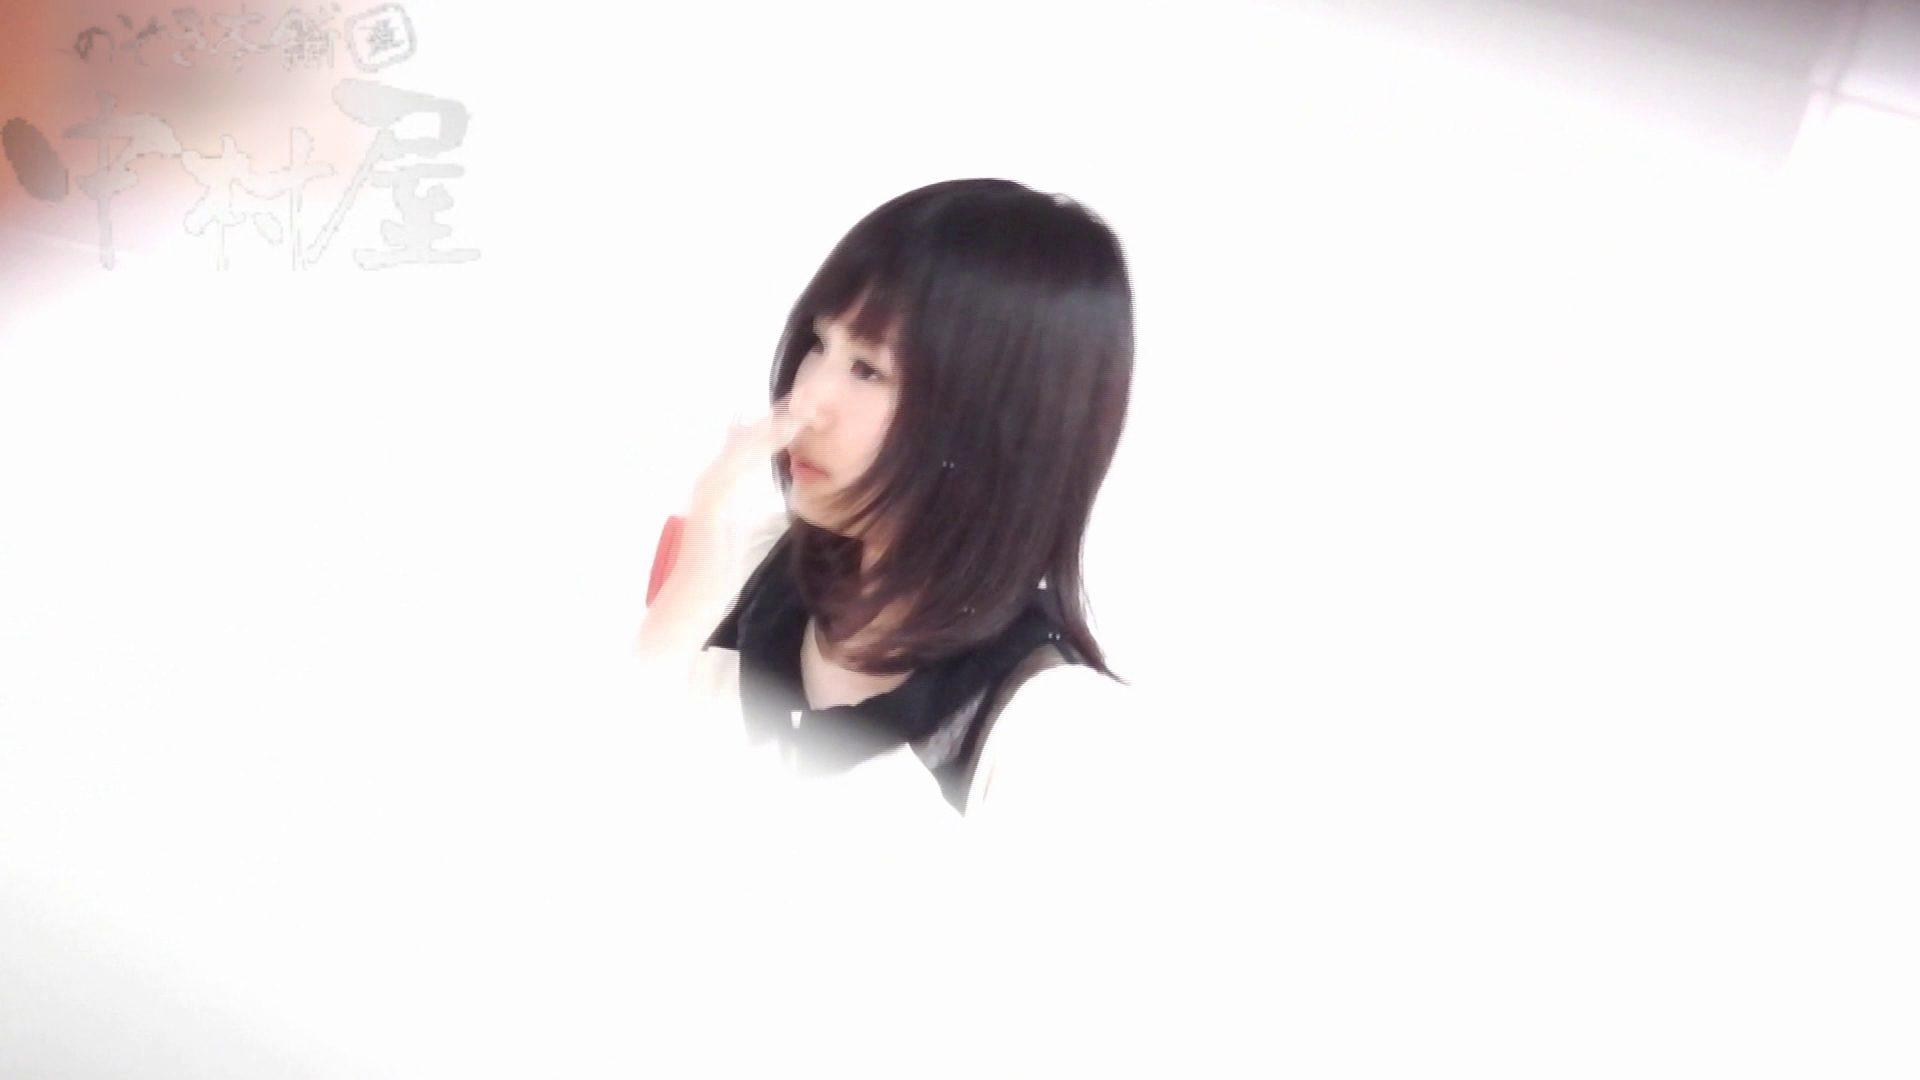 美しい日本の未来 No.37 モデルを追跡したら 追跡  103pic 14